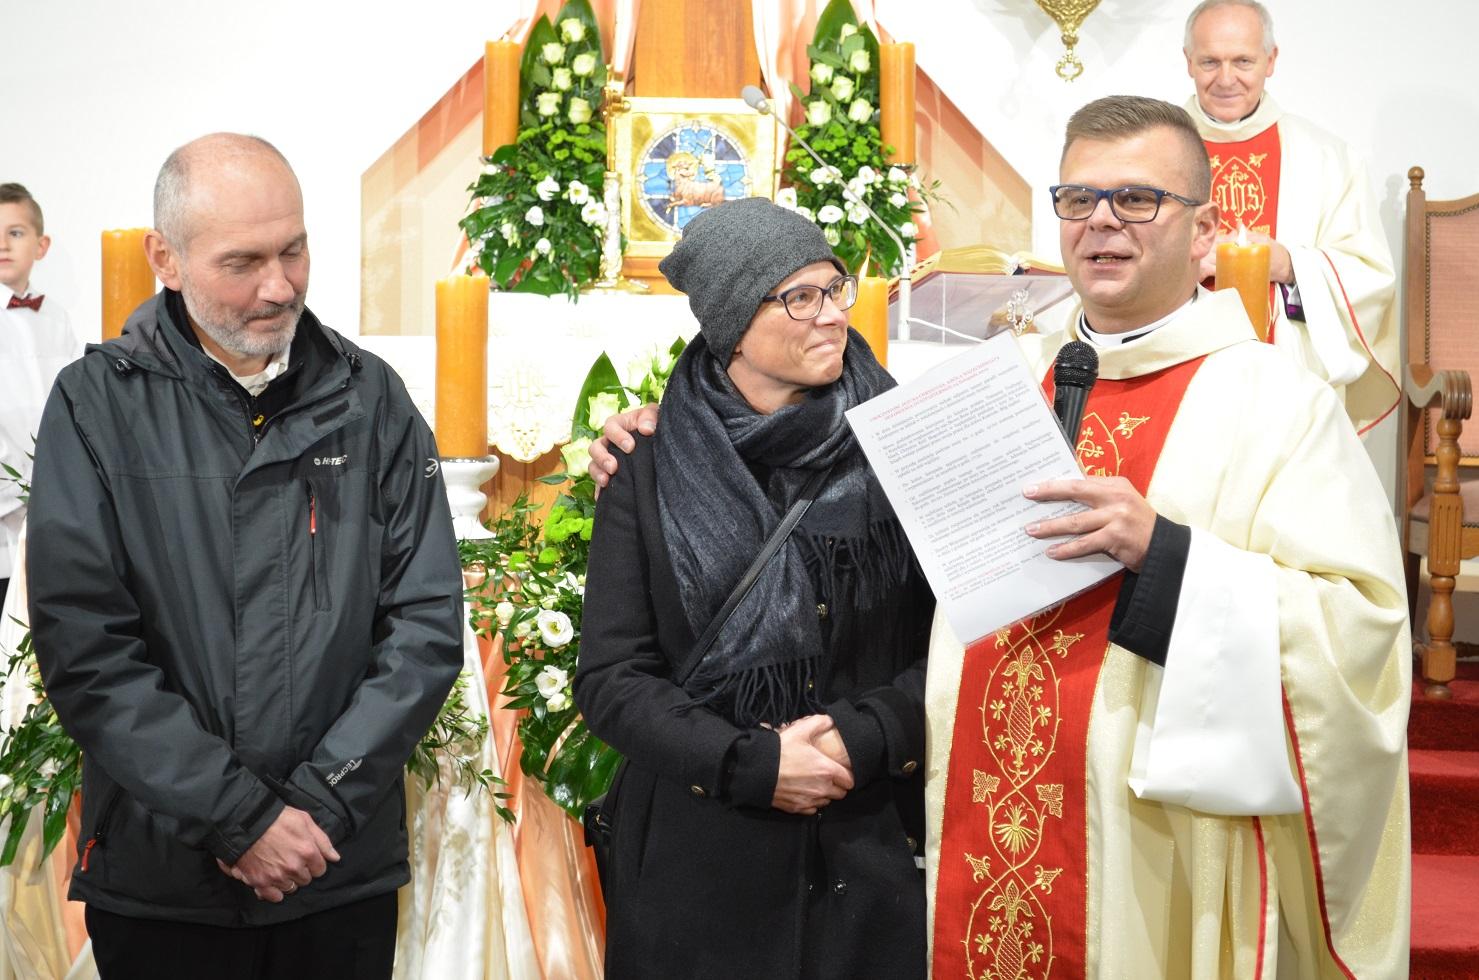 Ks. proboszcz Konrad Świstak wraz z architektami kościoła: Anną Niemczyk-Wojtecką i Robertem Wojteckim.